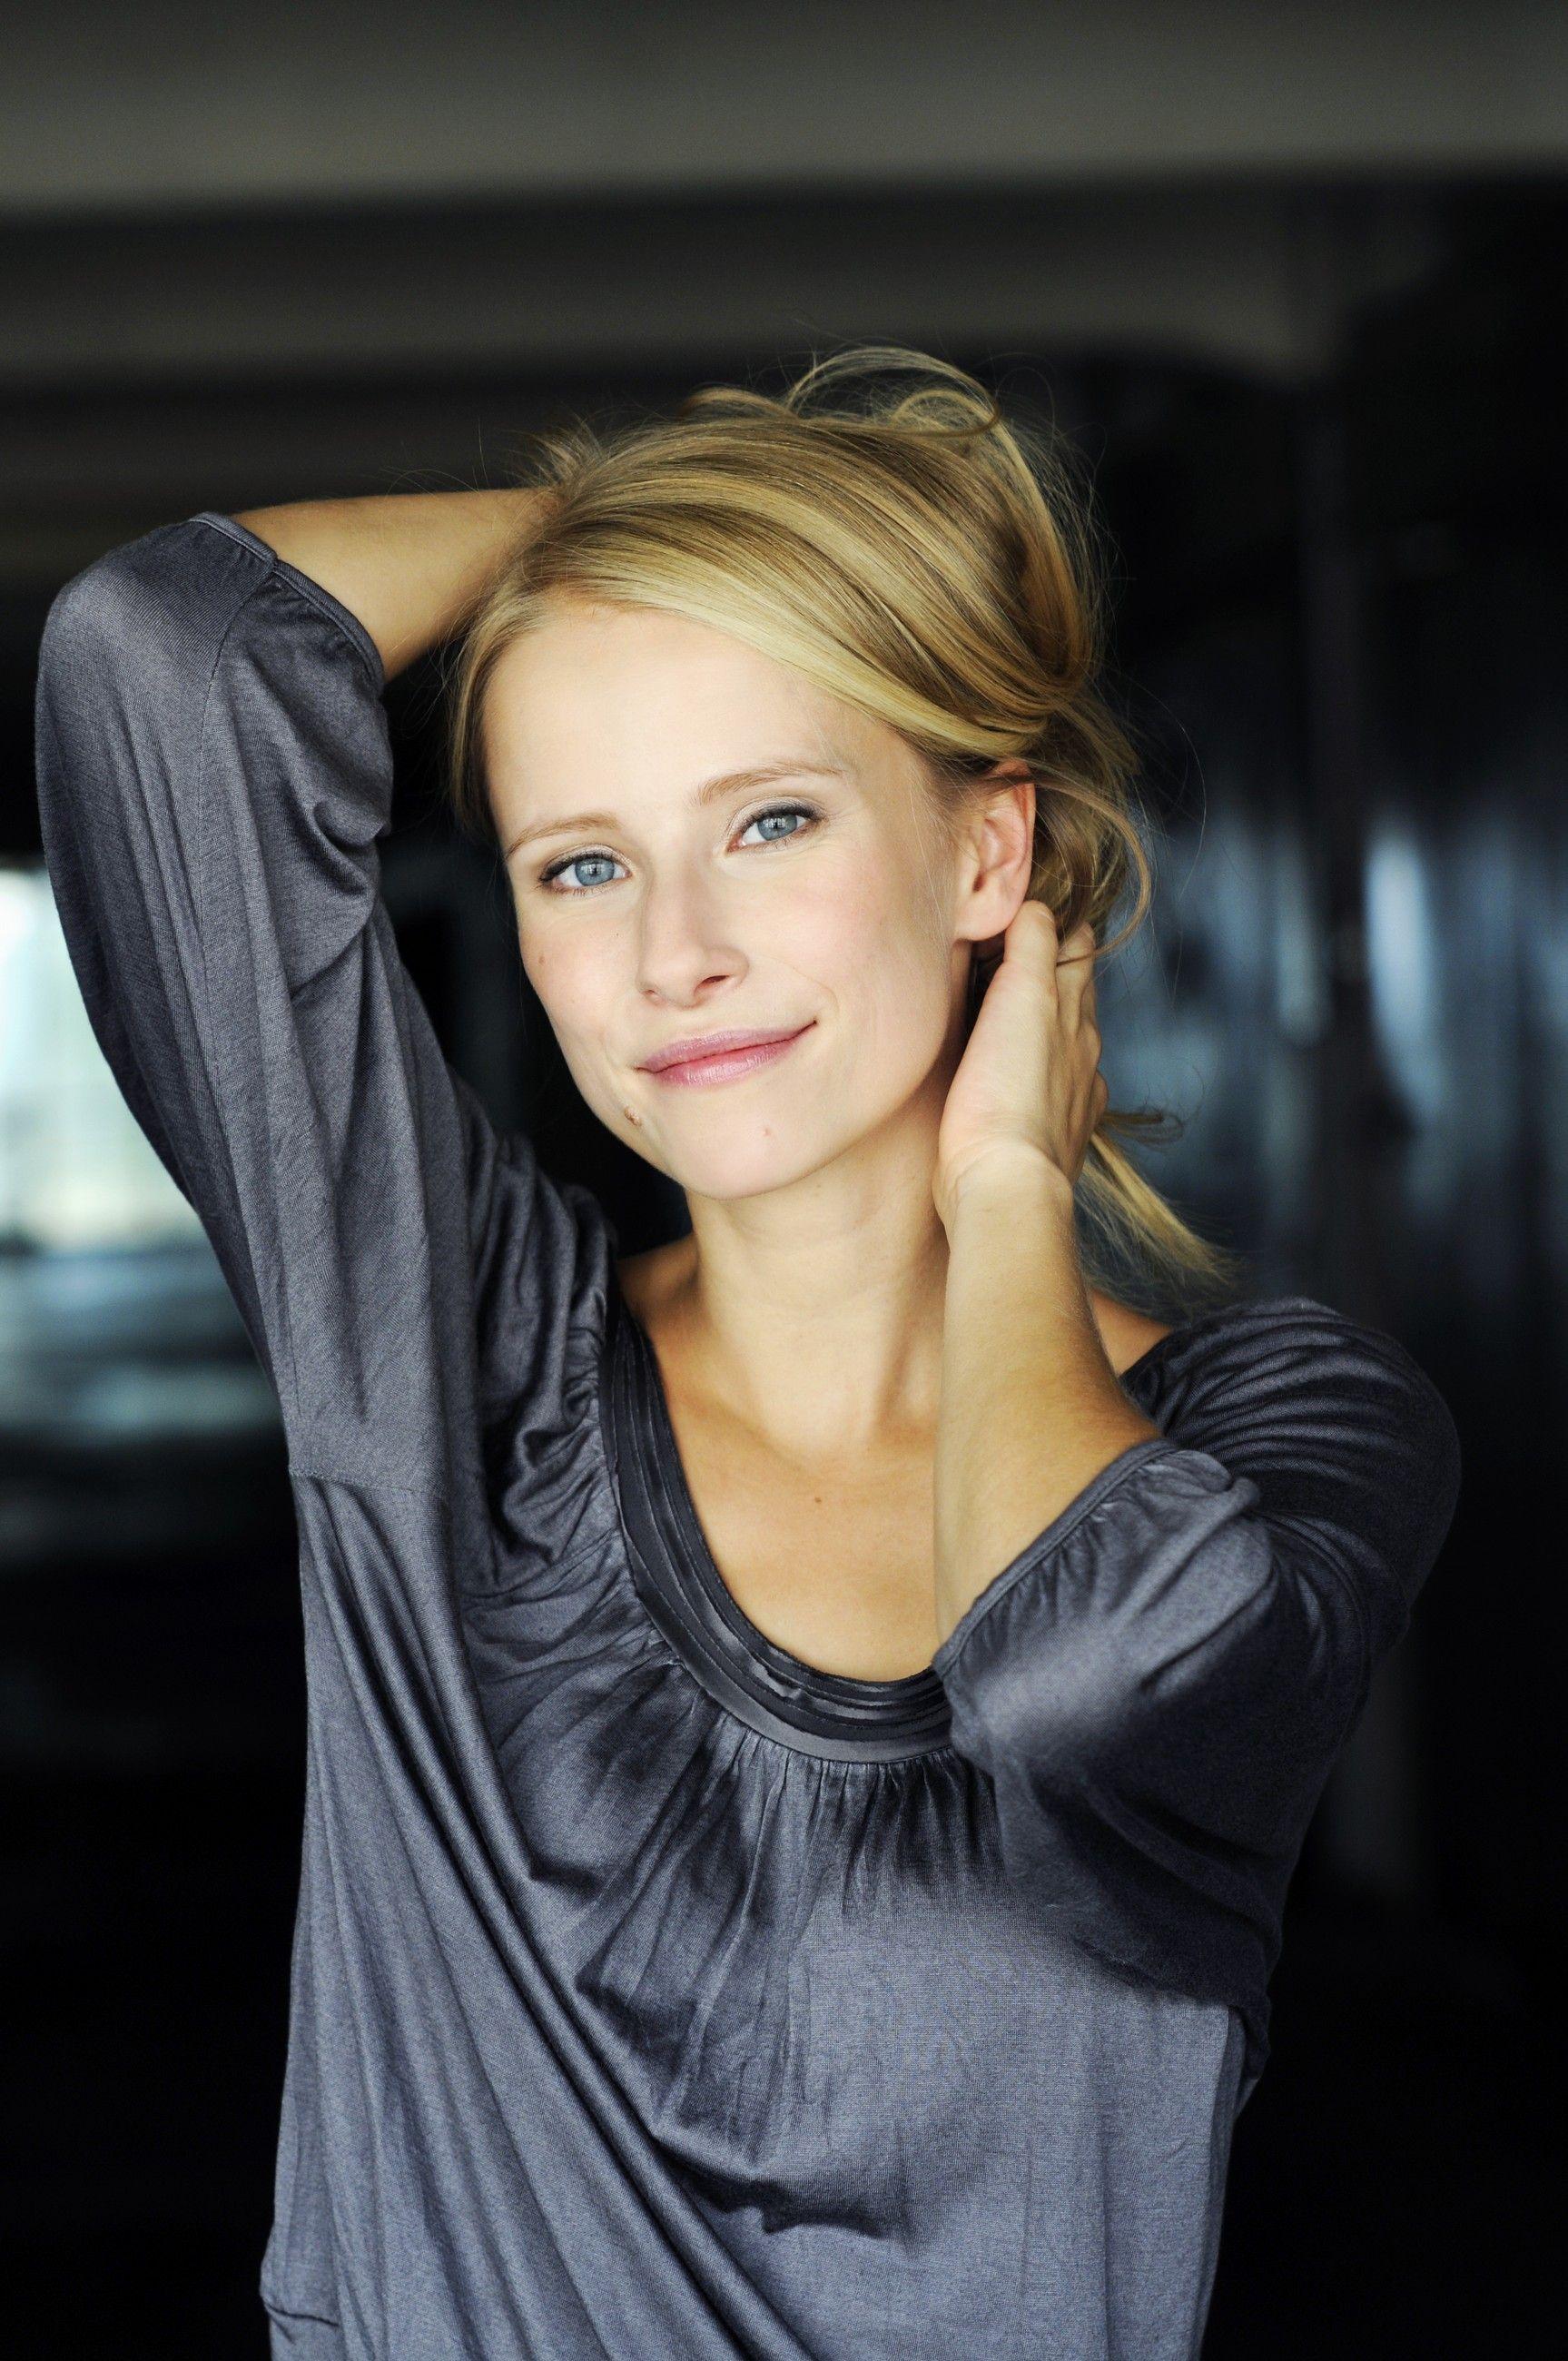 Susanne Bormann Nude Photos 10